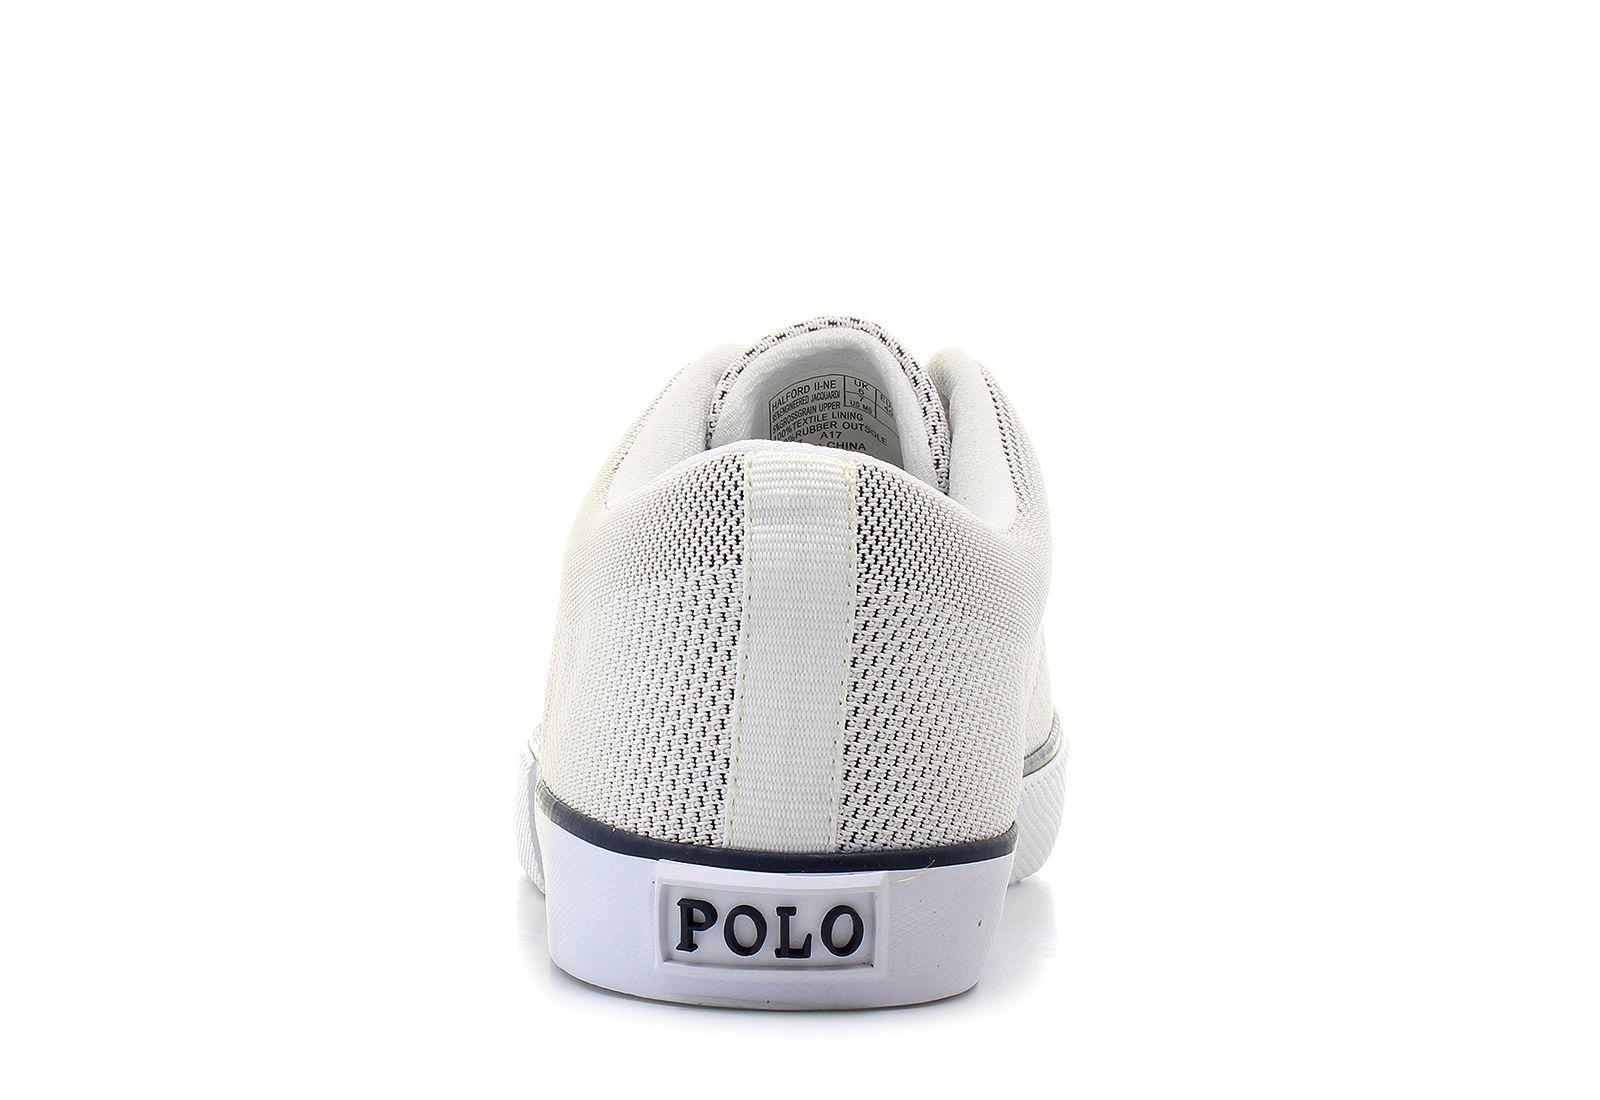 6d10c4e1e9 Polo Ralph Lauren Cipő - Halford Ii-ne - 816648443002 - Office Shoes ...